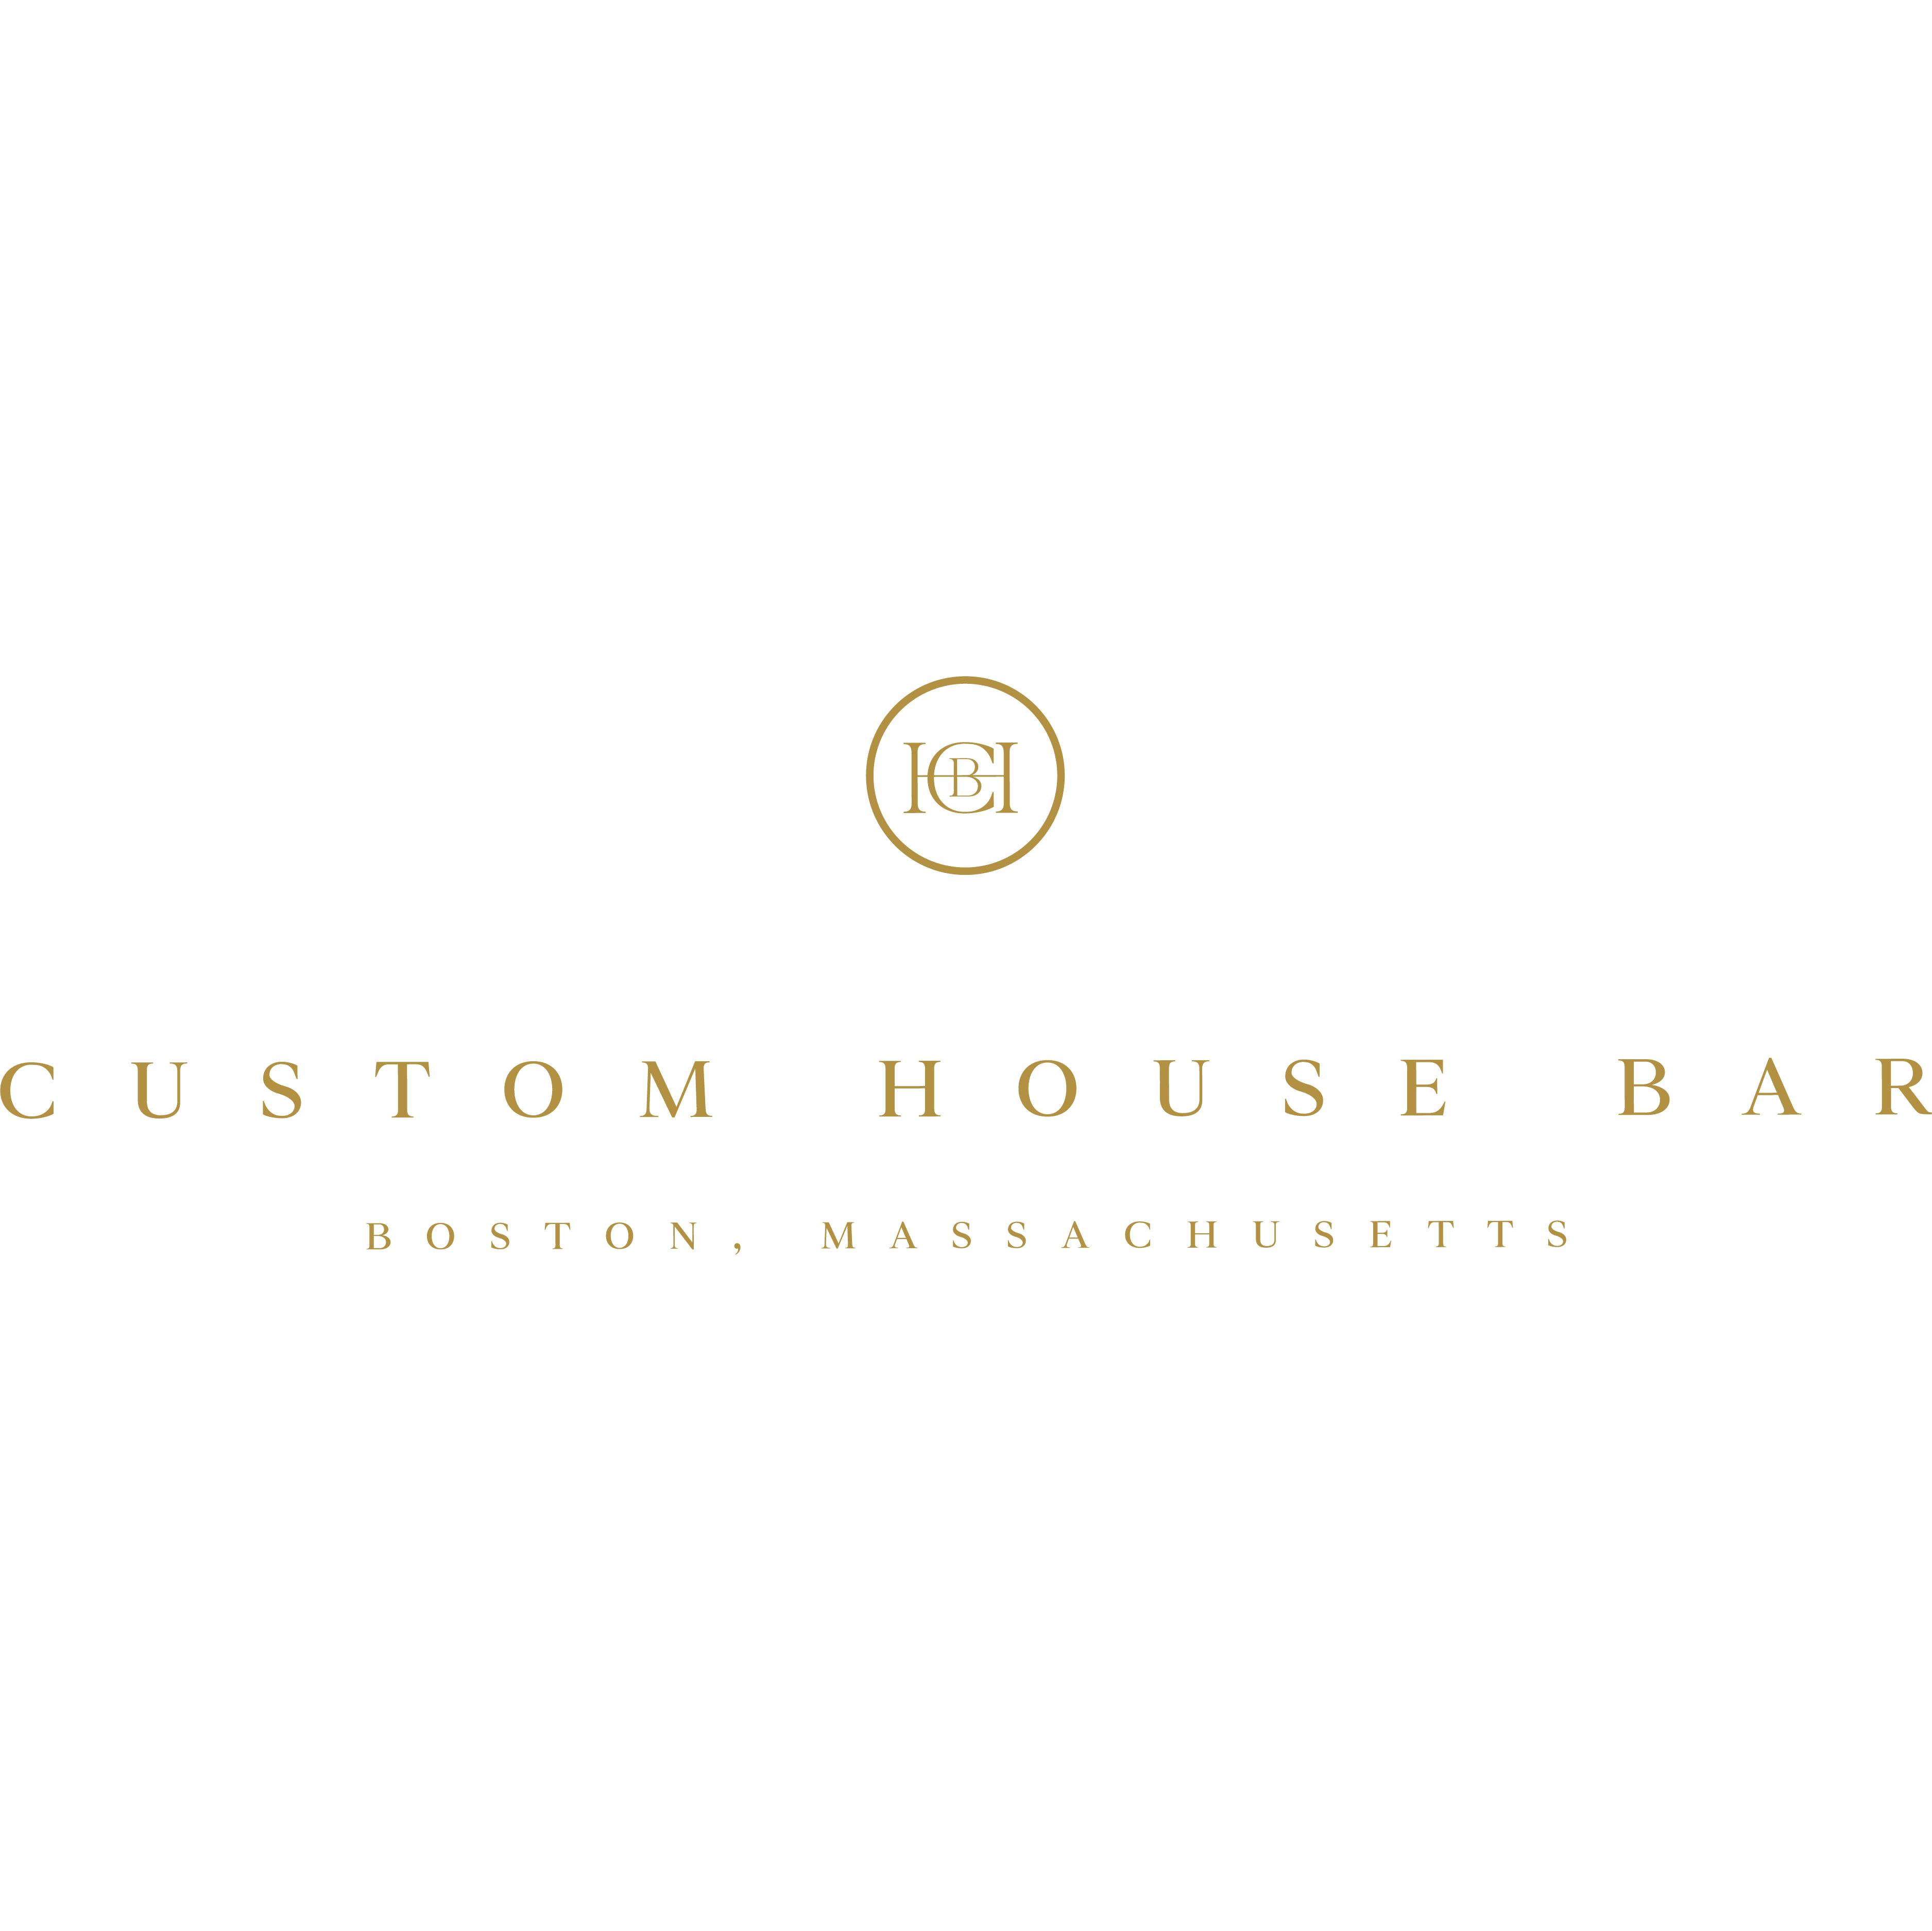 Custom House Bar Logo